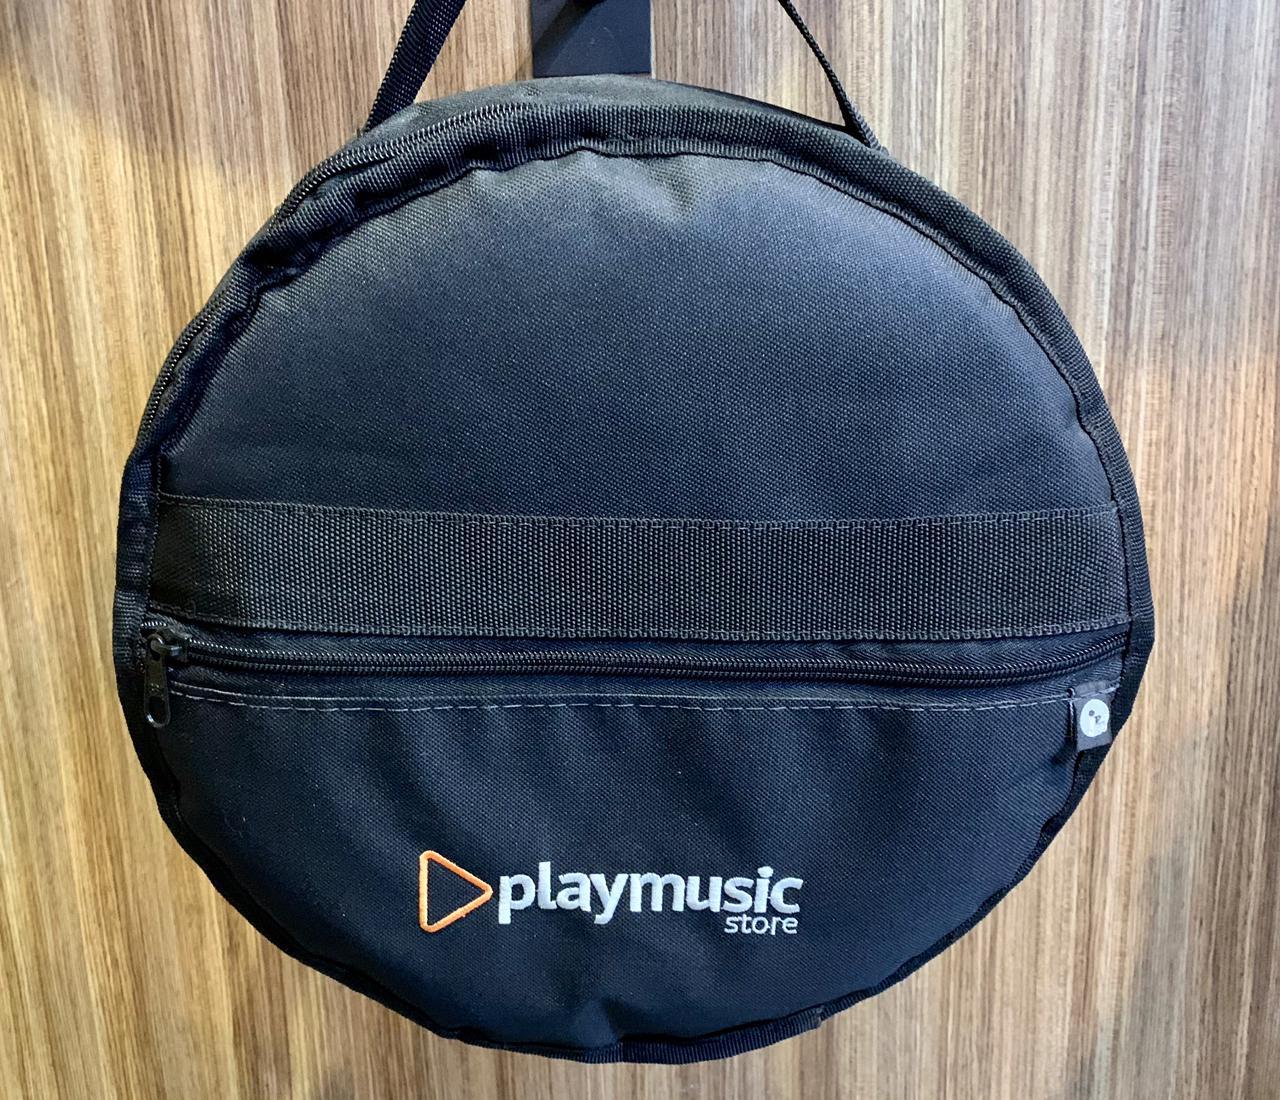 """Bag Almofadada Para Pandeiro De 10"""" Playmusic Store."""